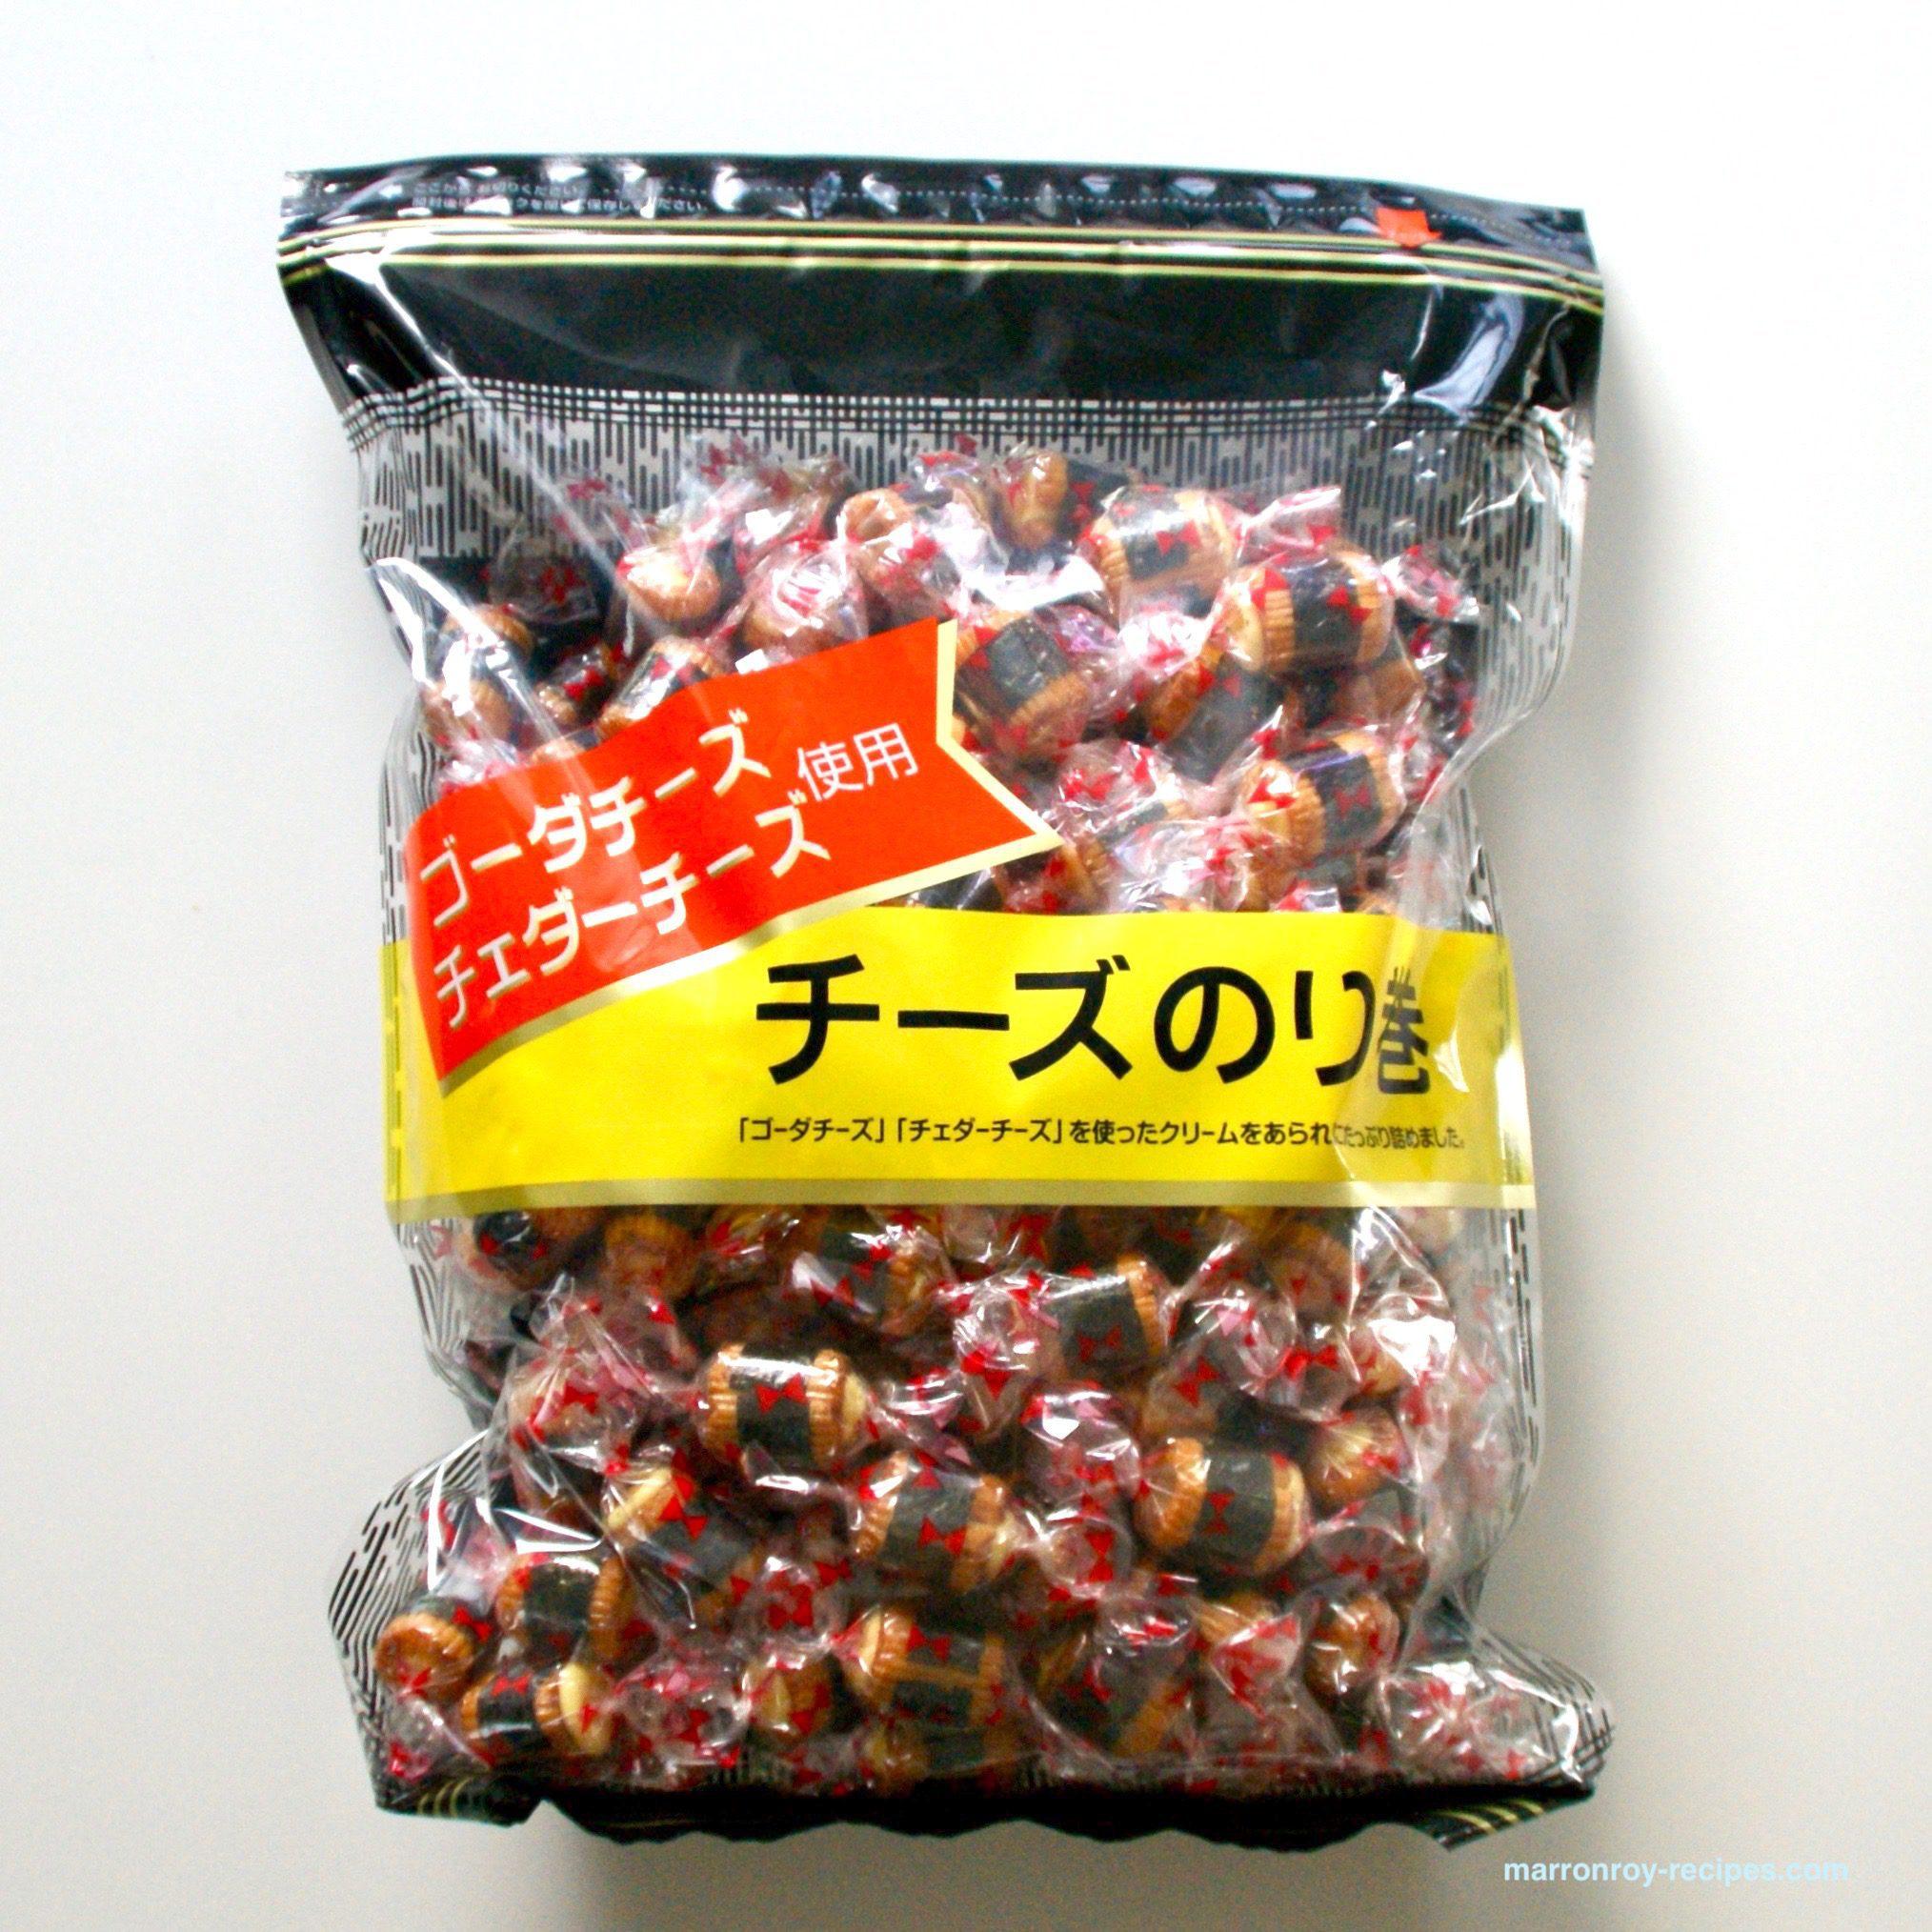 """コストコの日本のお菓子""""きらら チーズのり巻""""買ってみた"""